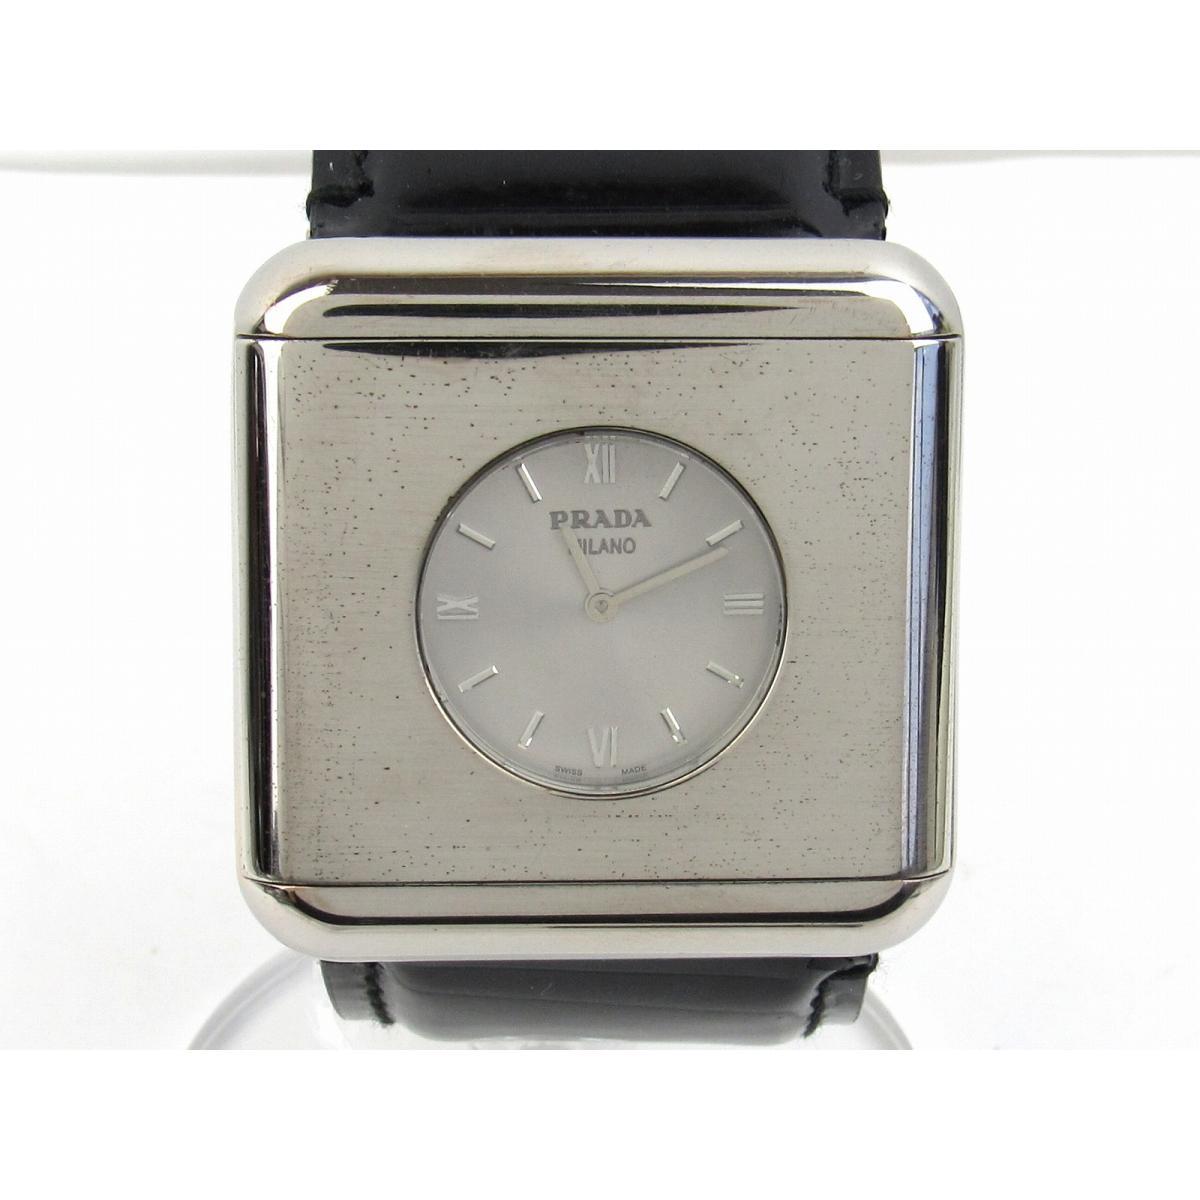 【中古】 プラダ スクエア型 ウォッチ 腕時計 メンズ レディース ステンレススチール (SS) x エナメルベルト   PRADA クオーツ 時計 時計 美品 ブランドオフ BRANDOFF